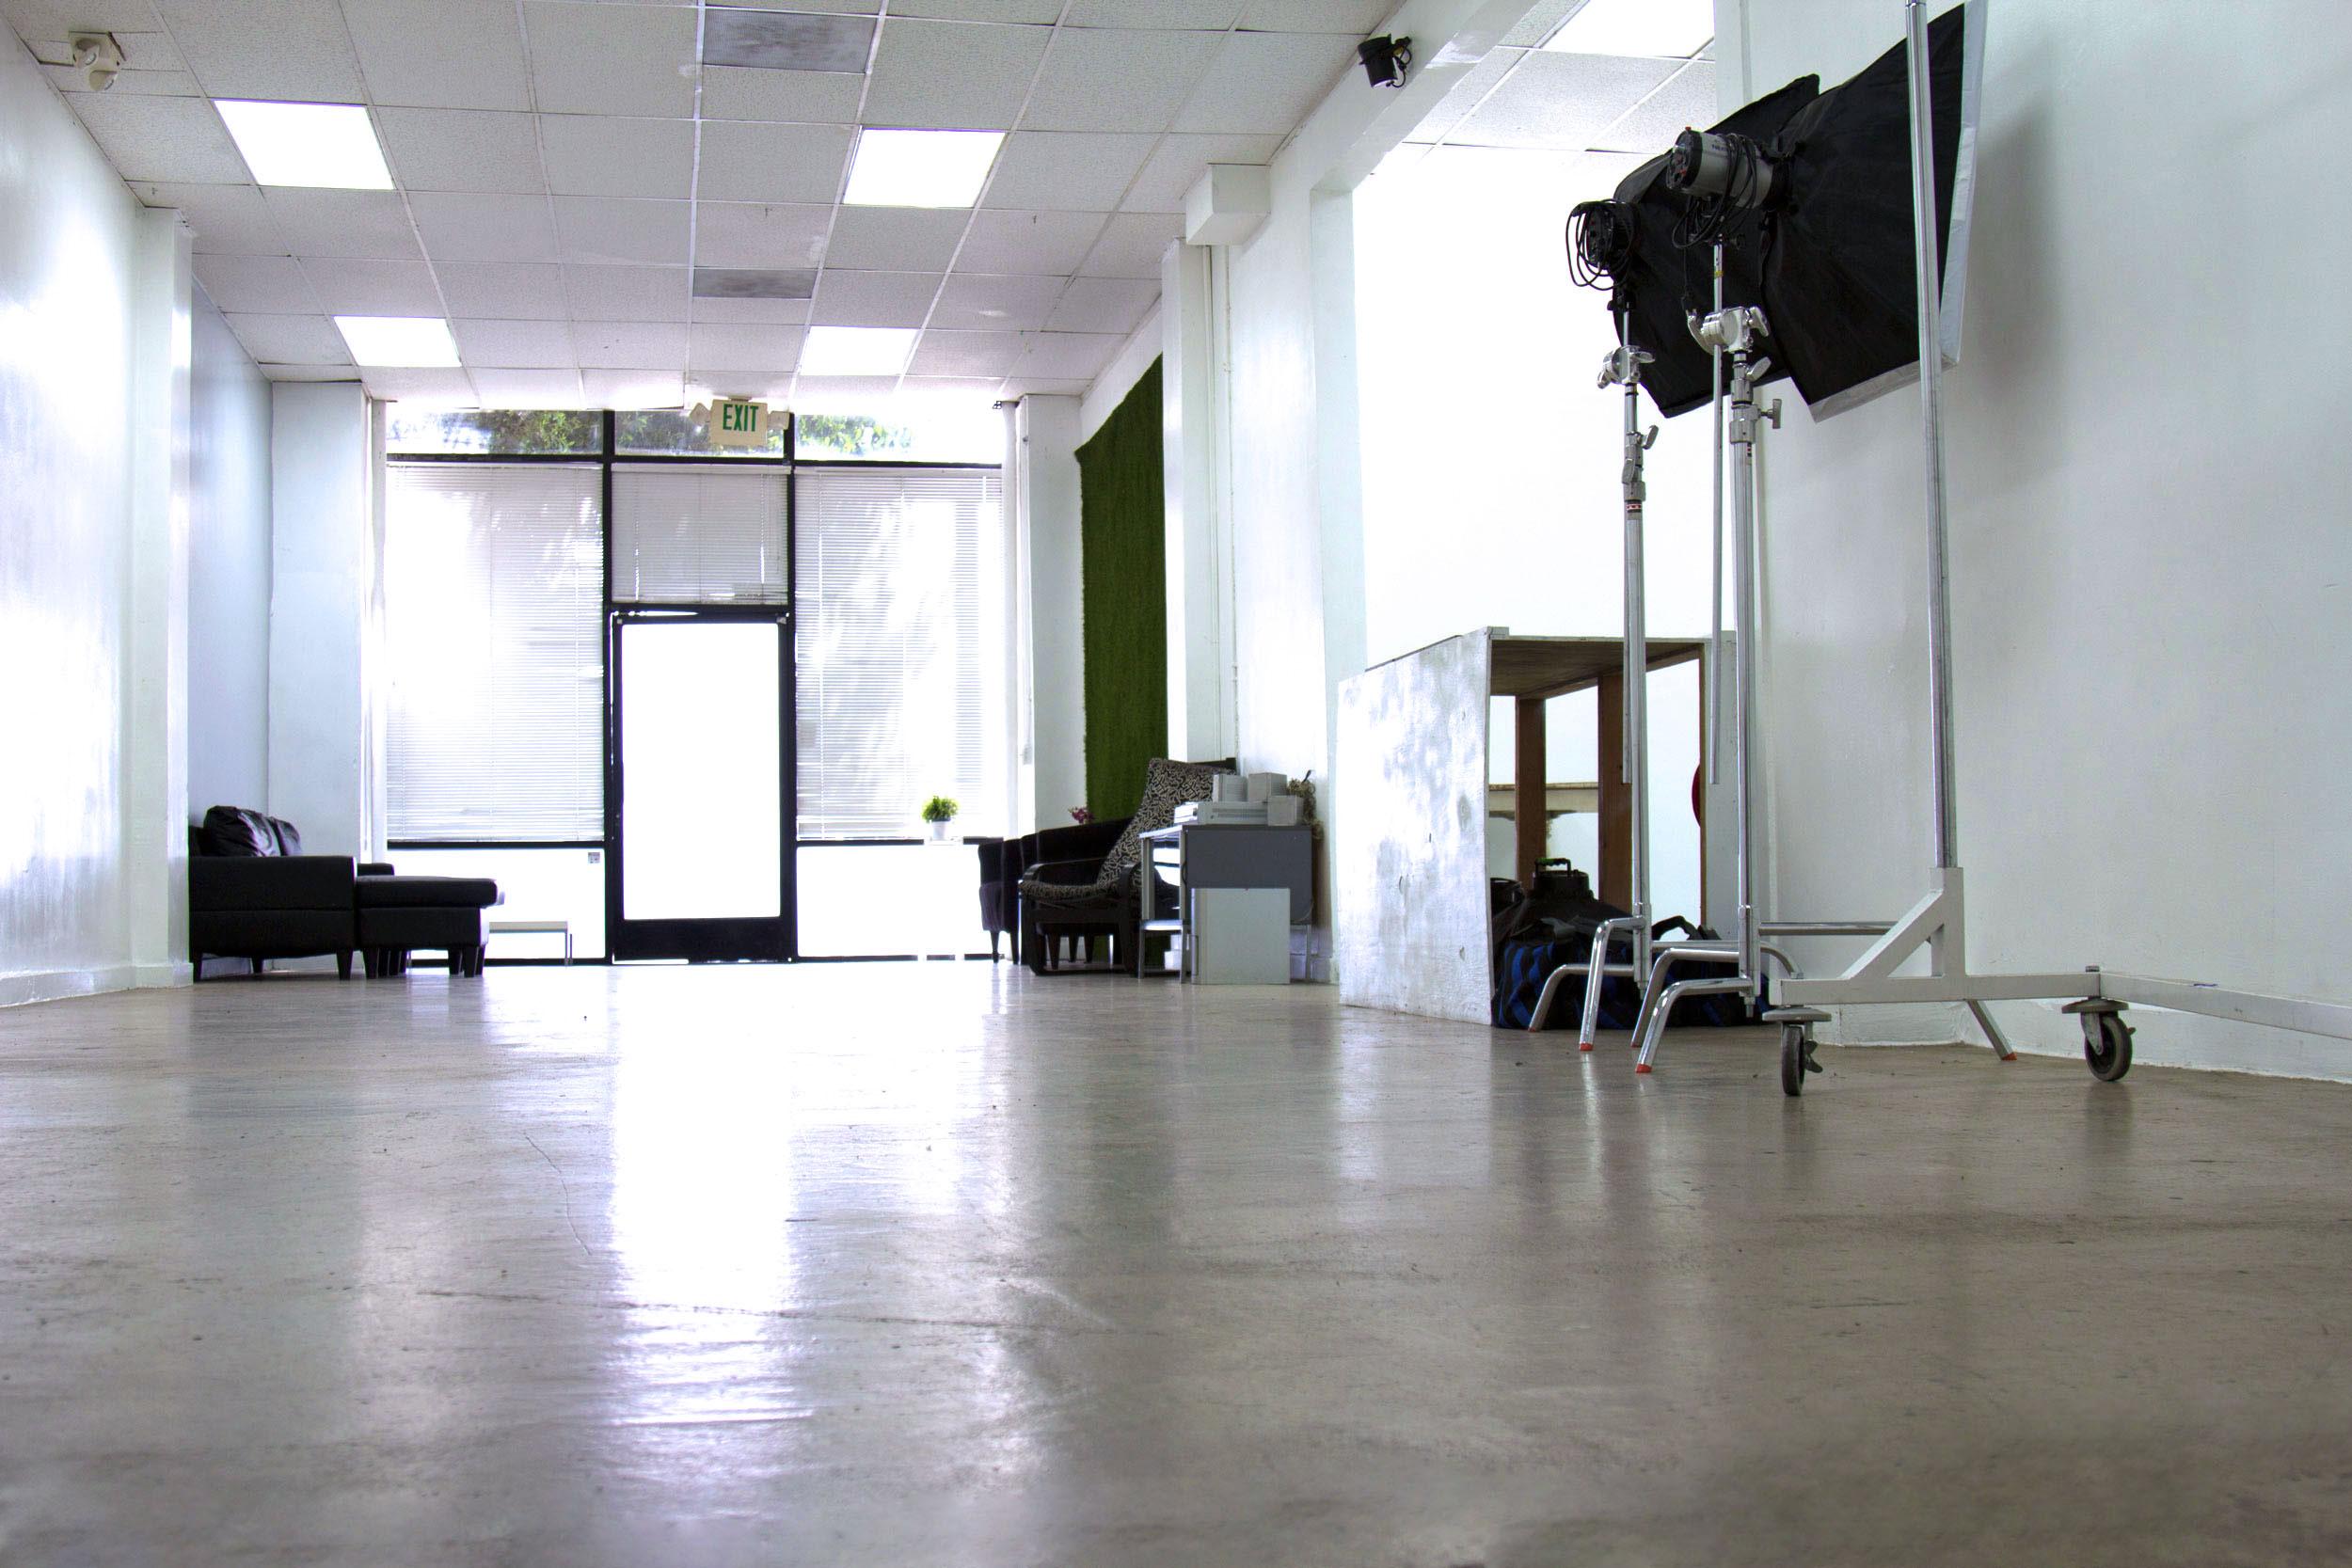 Opulen Studios in DTLA